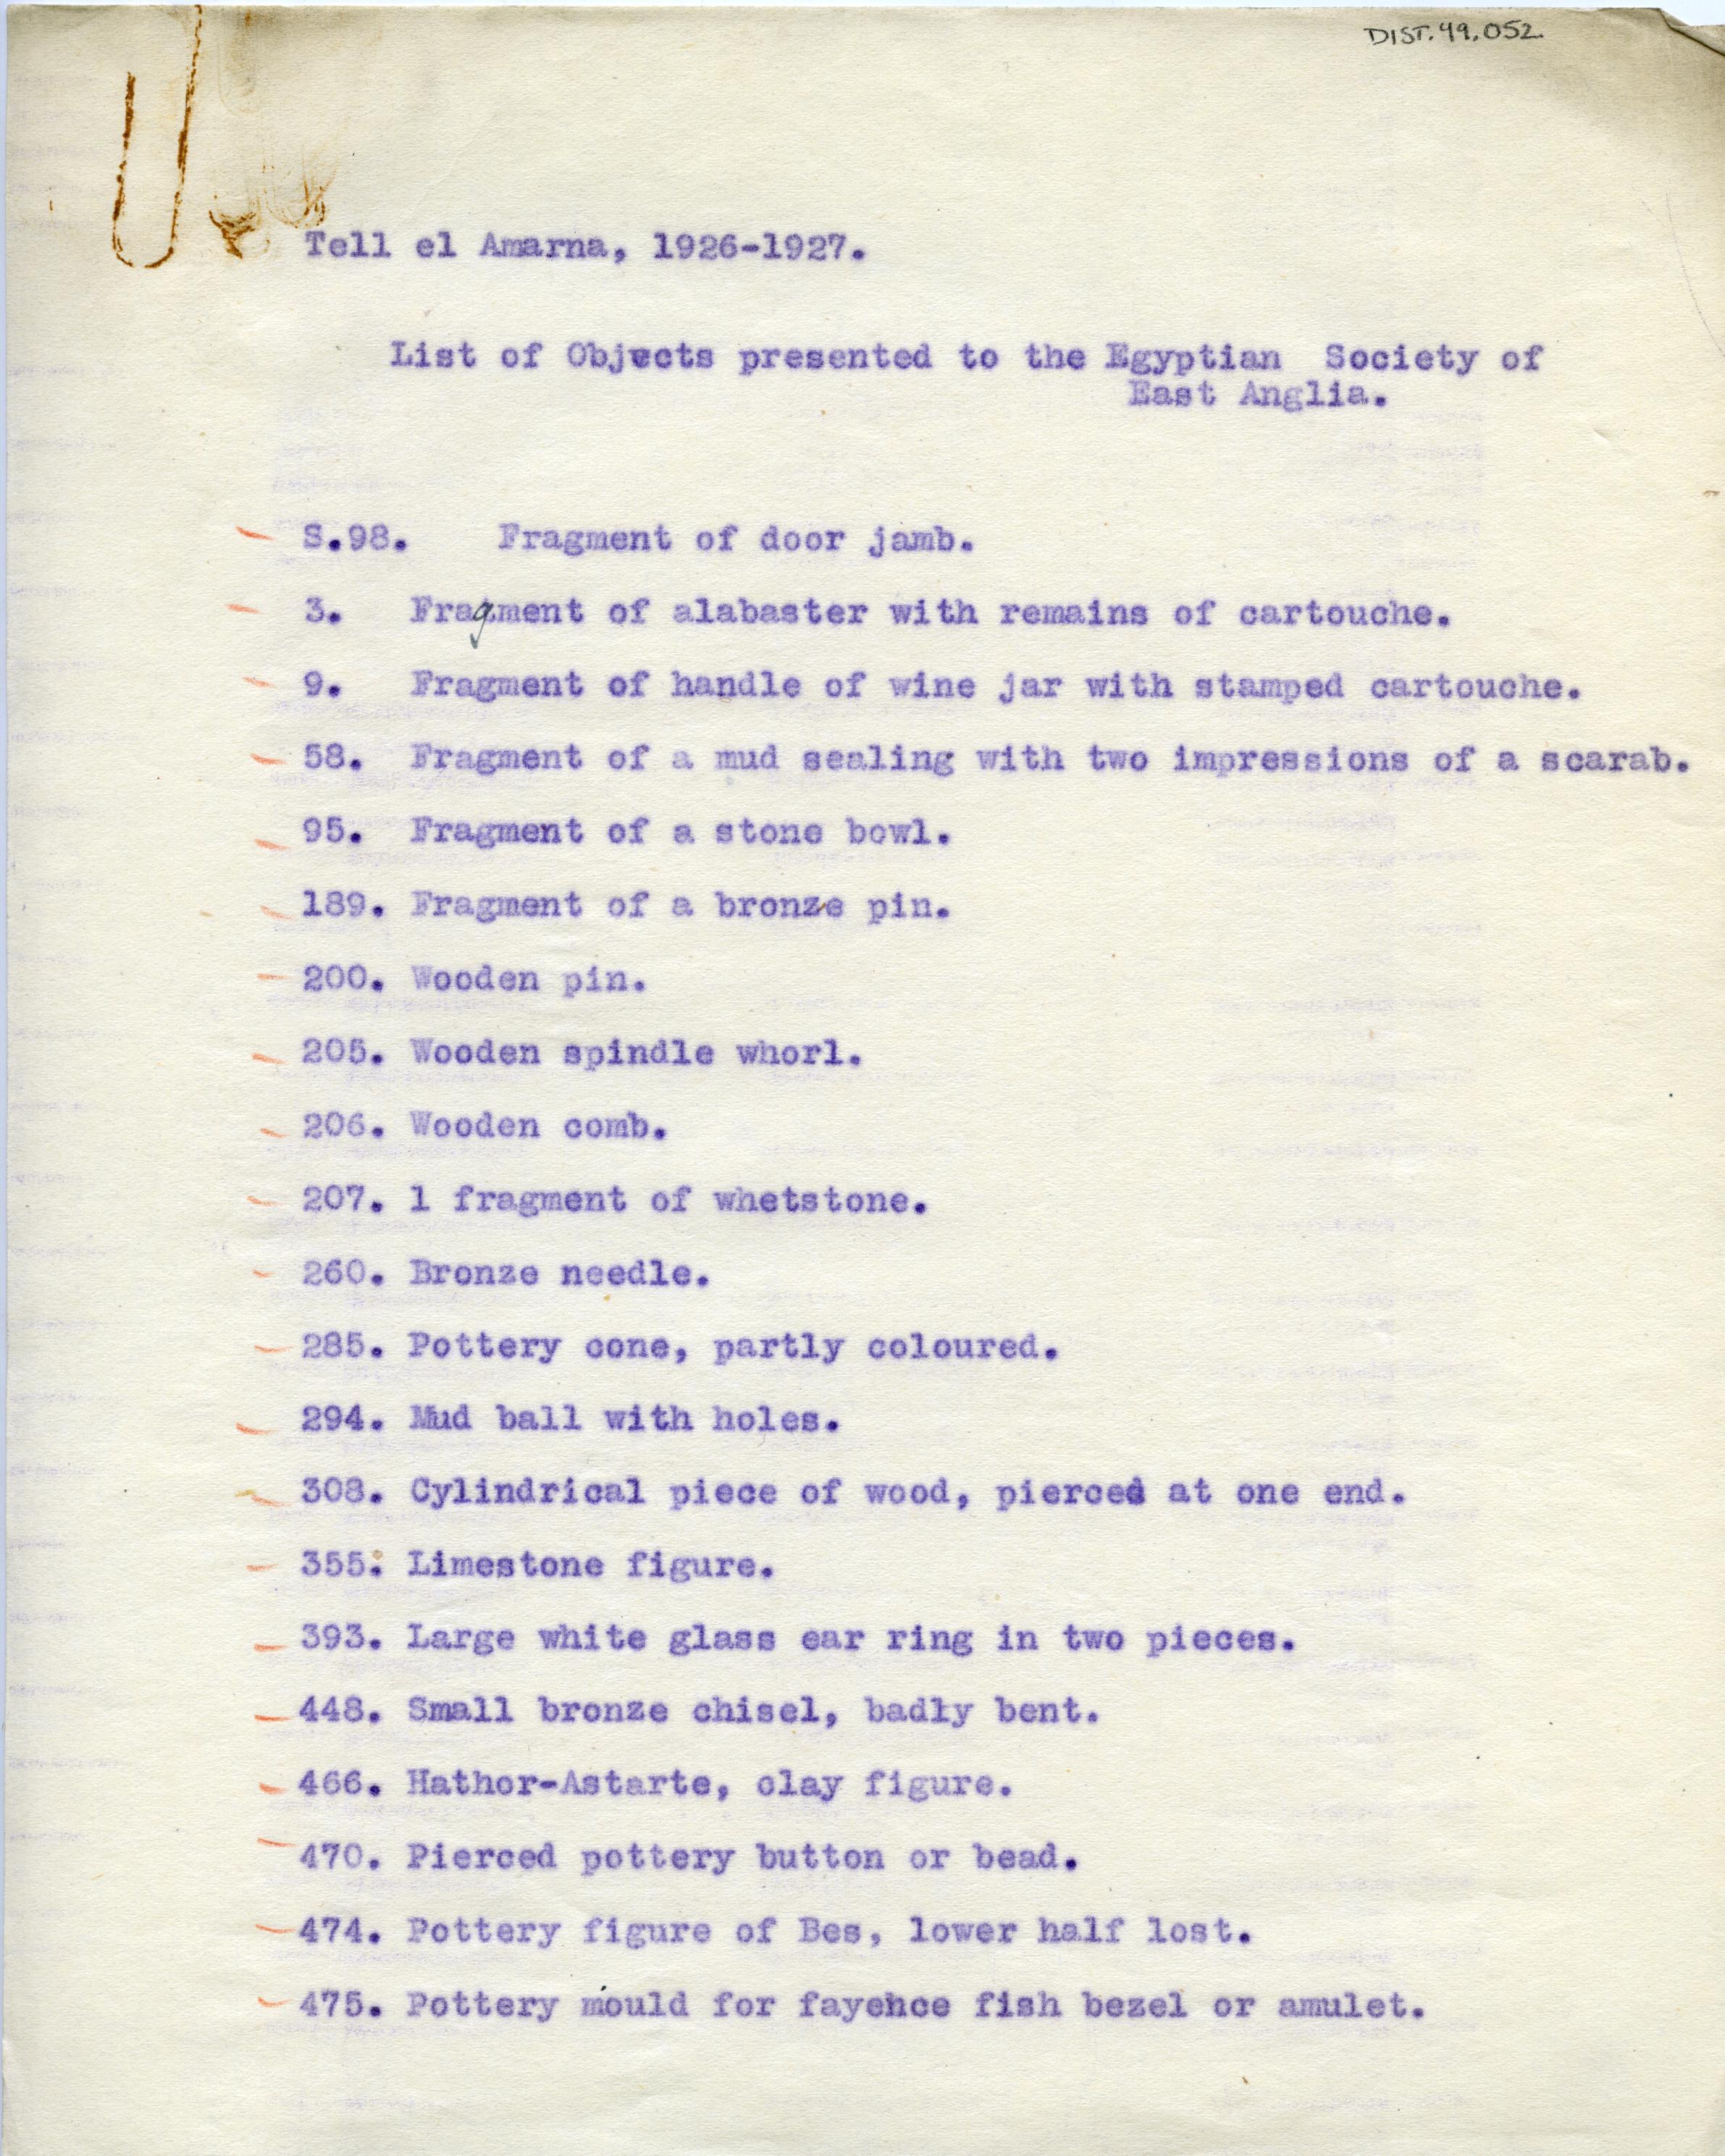 1926-27 el-Amarna DIST.49.052a